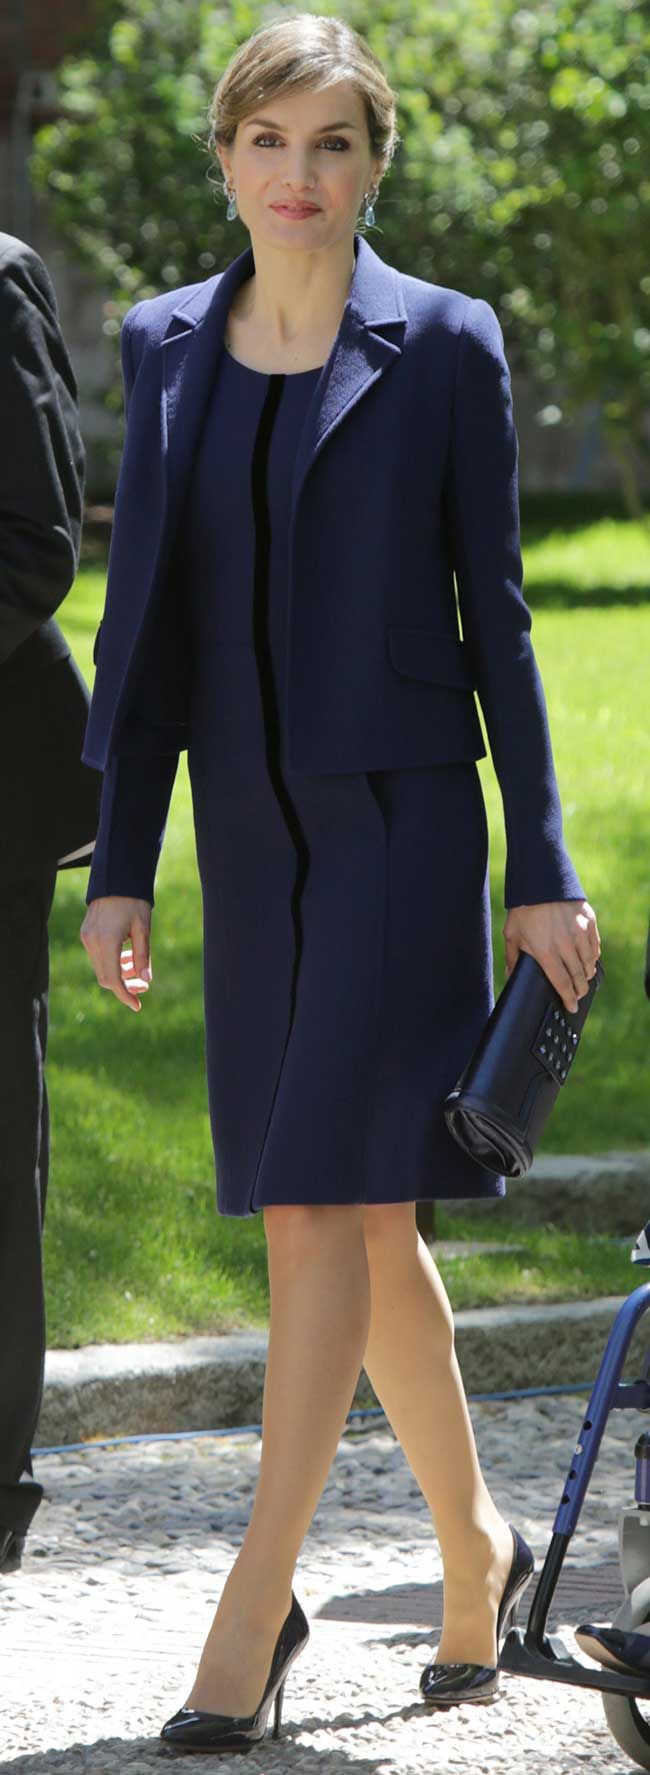 La Reina Letizia volvió a sacar su traje de chaqueta azul de Felipe Varela para el Premio Cervantes, que había estrenado en la Fiesta Nacional.